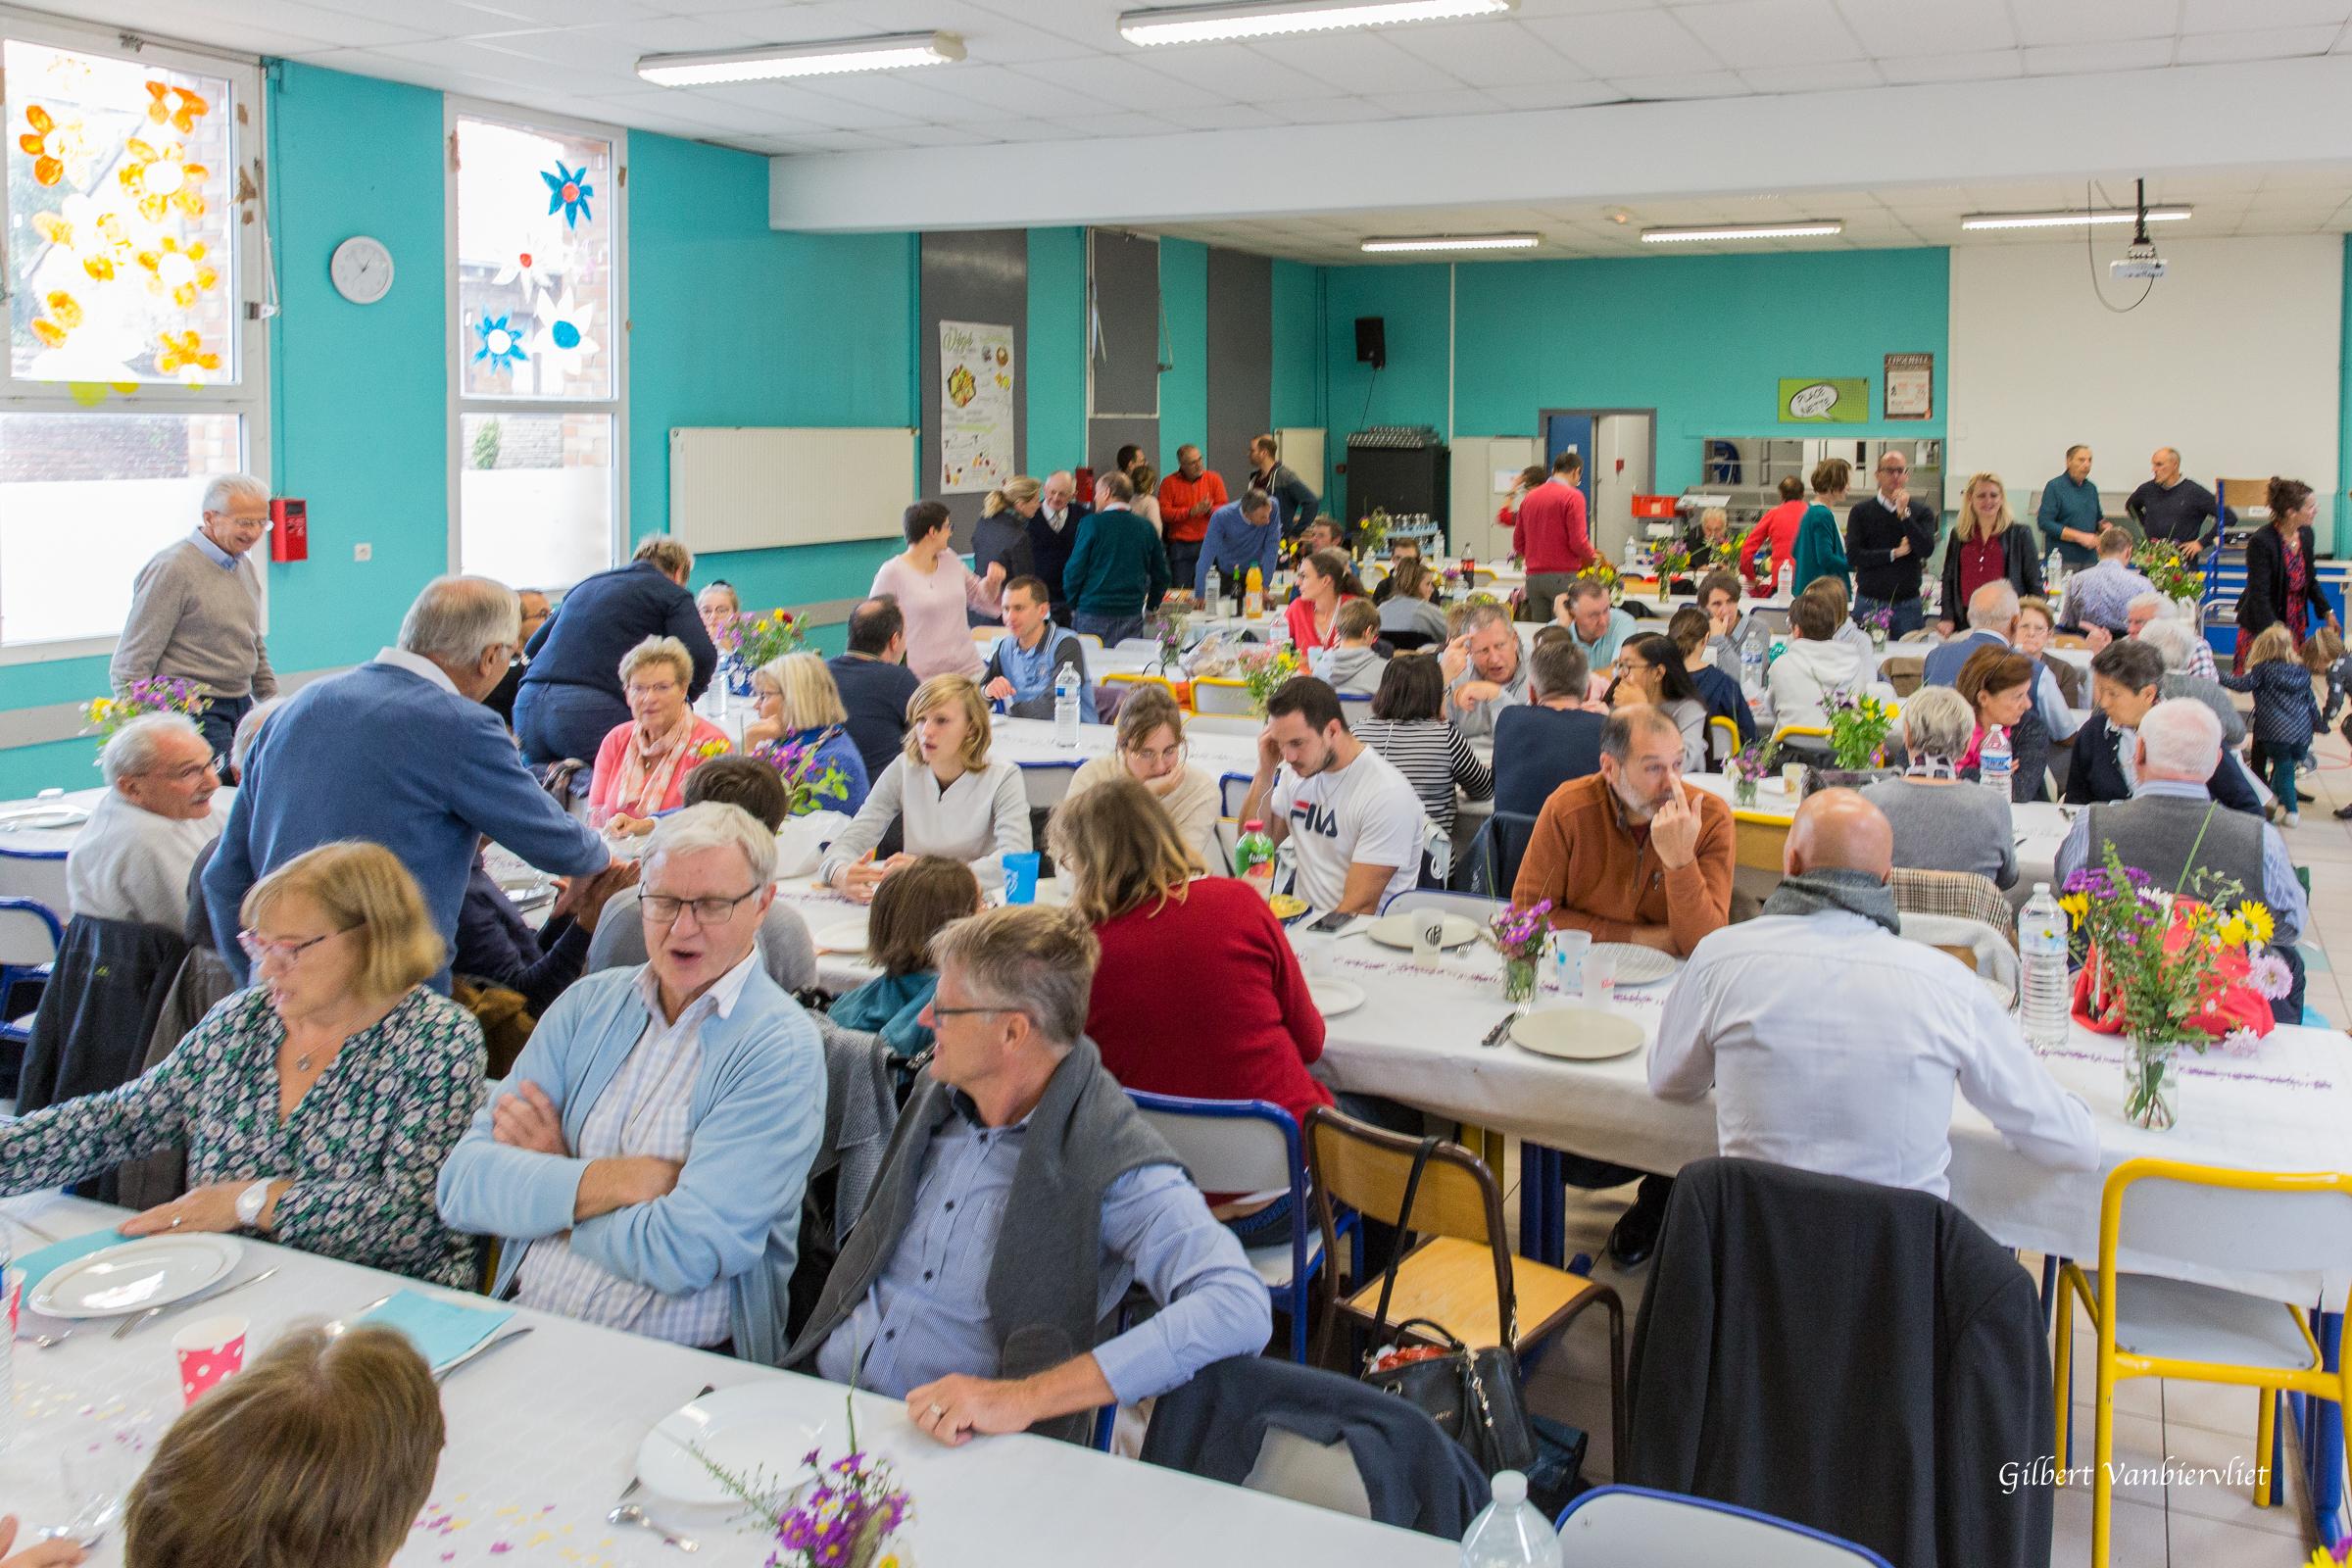 11 1Rentrée Paroissiale Messe Cysoing - 253A9208 - 29 septembre 2019